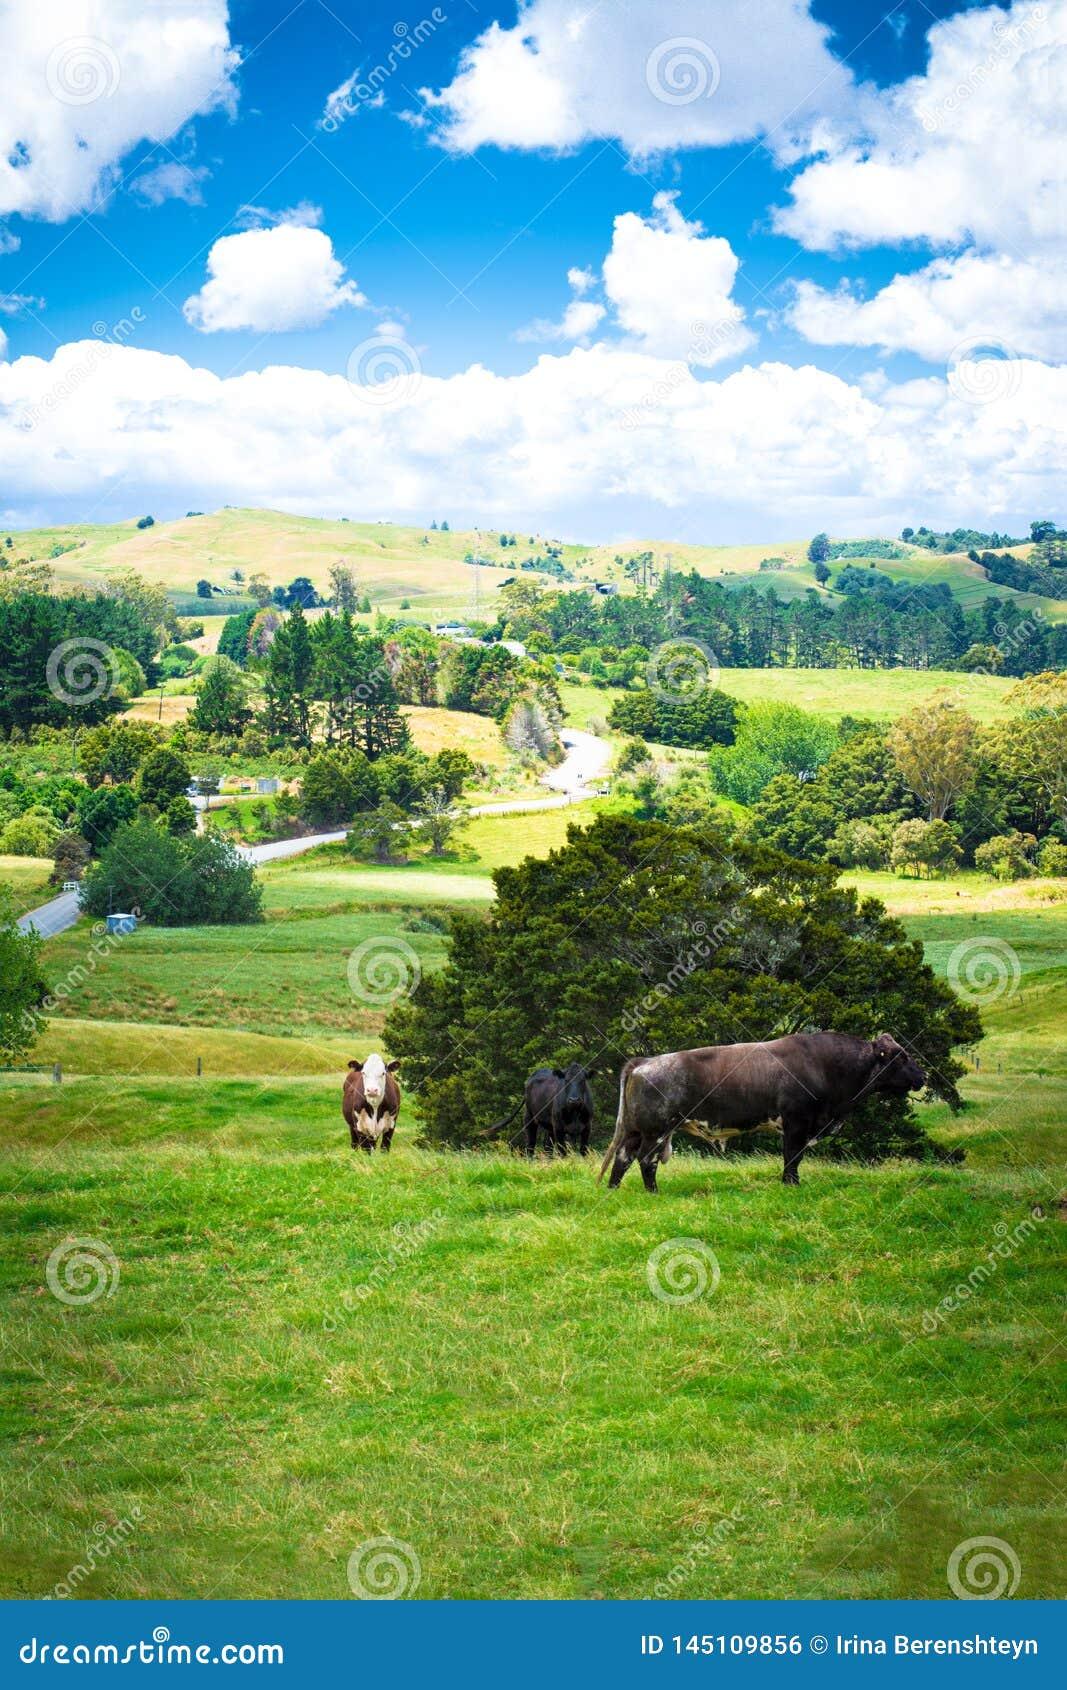 Paesaggio del paese con due mucche e un toro marrone che guarda diritto nella macchina fotografica da un pascolo verde fertile di